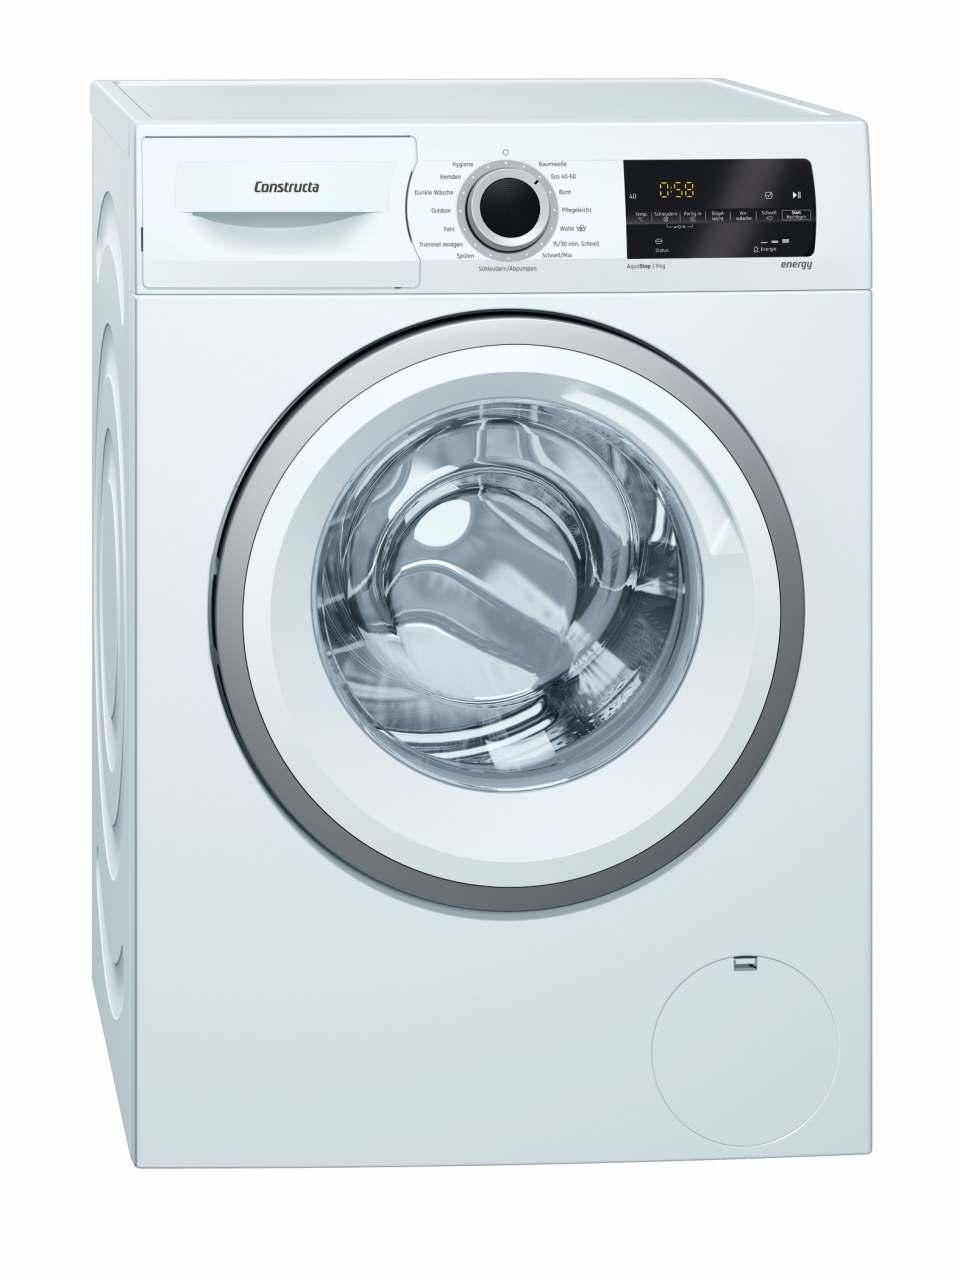 Constructa Waschmaschine CWF14WT0 mit Nachlegefunktion.